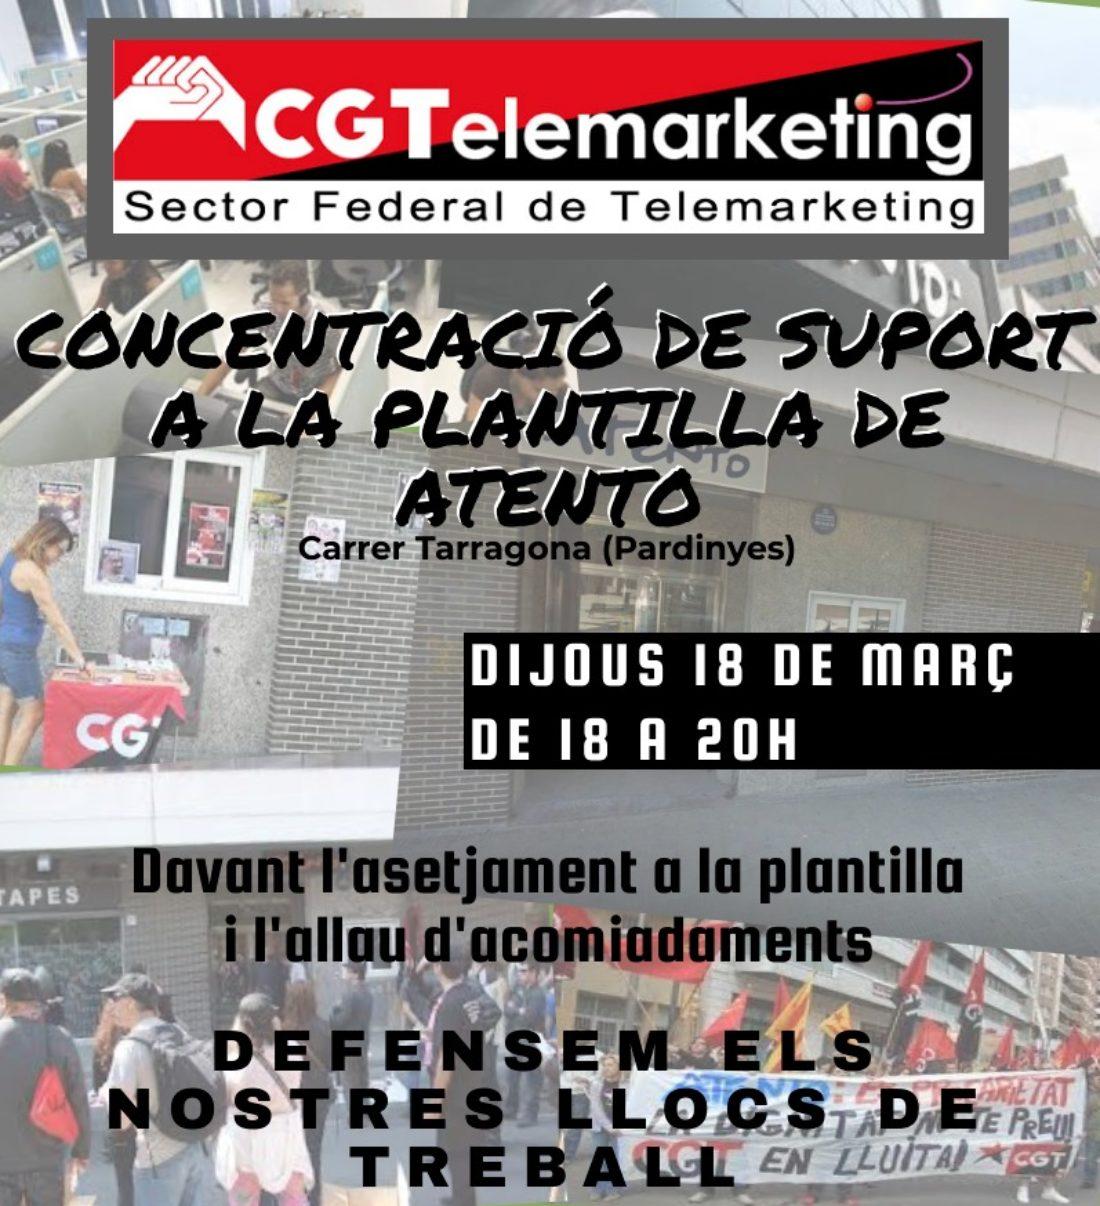 Basta de abusos y represión en Atento. Concentración de apoyo con los y las trabajadoras despedidas en Atento Lleida